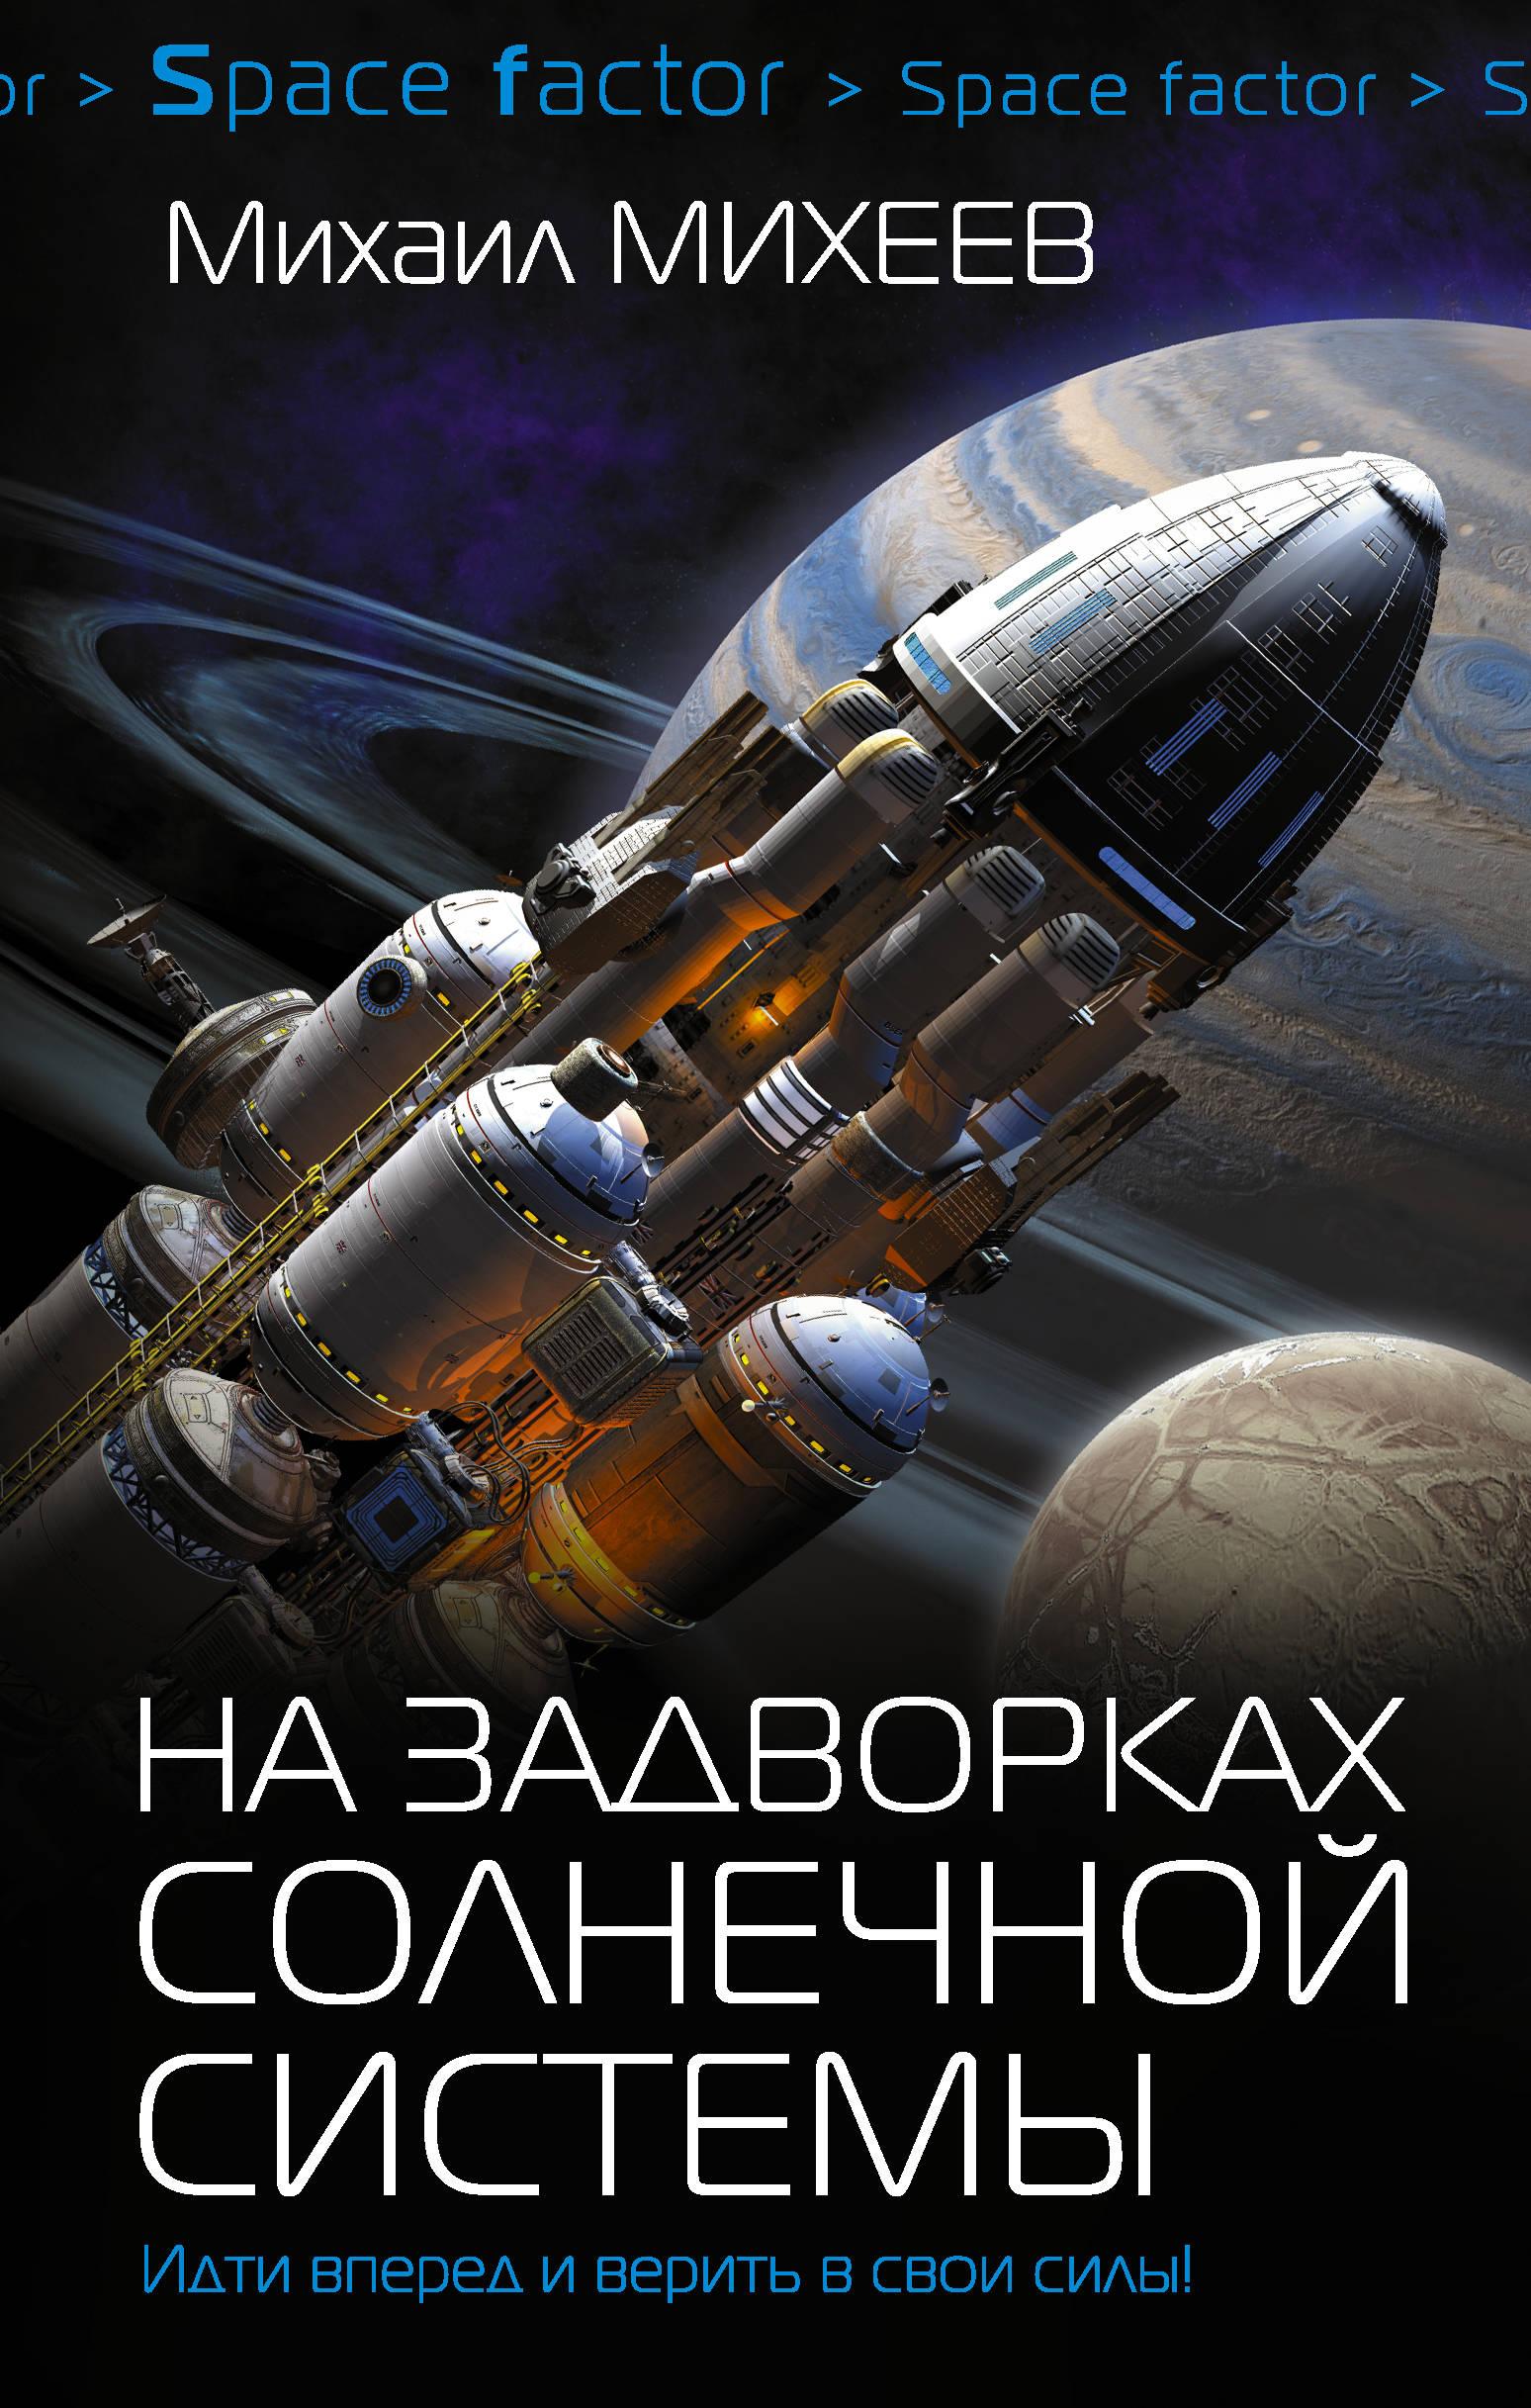 На задворках Солнечной системы. Михаил Михеев